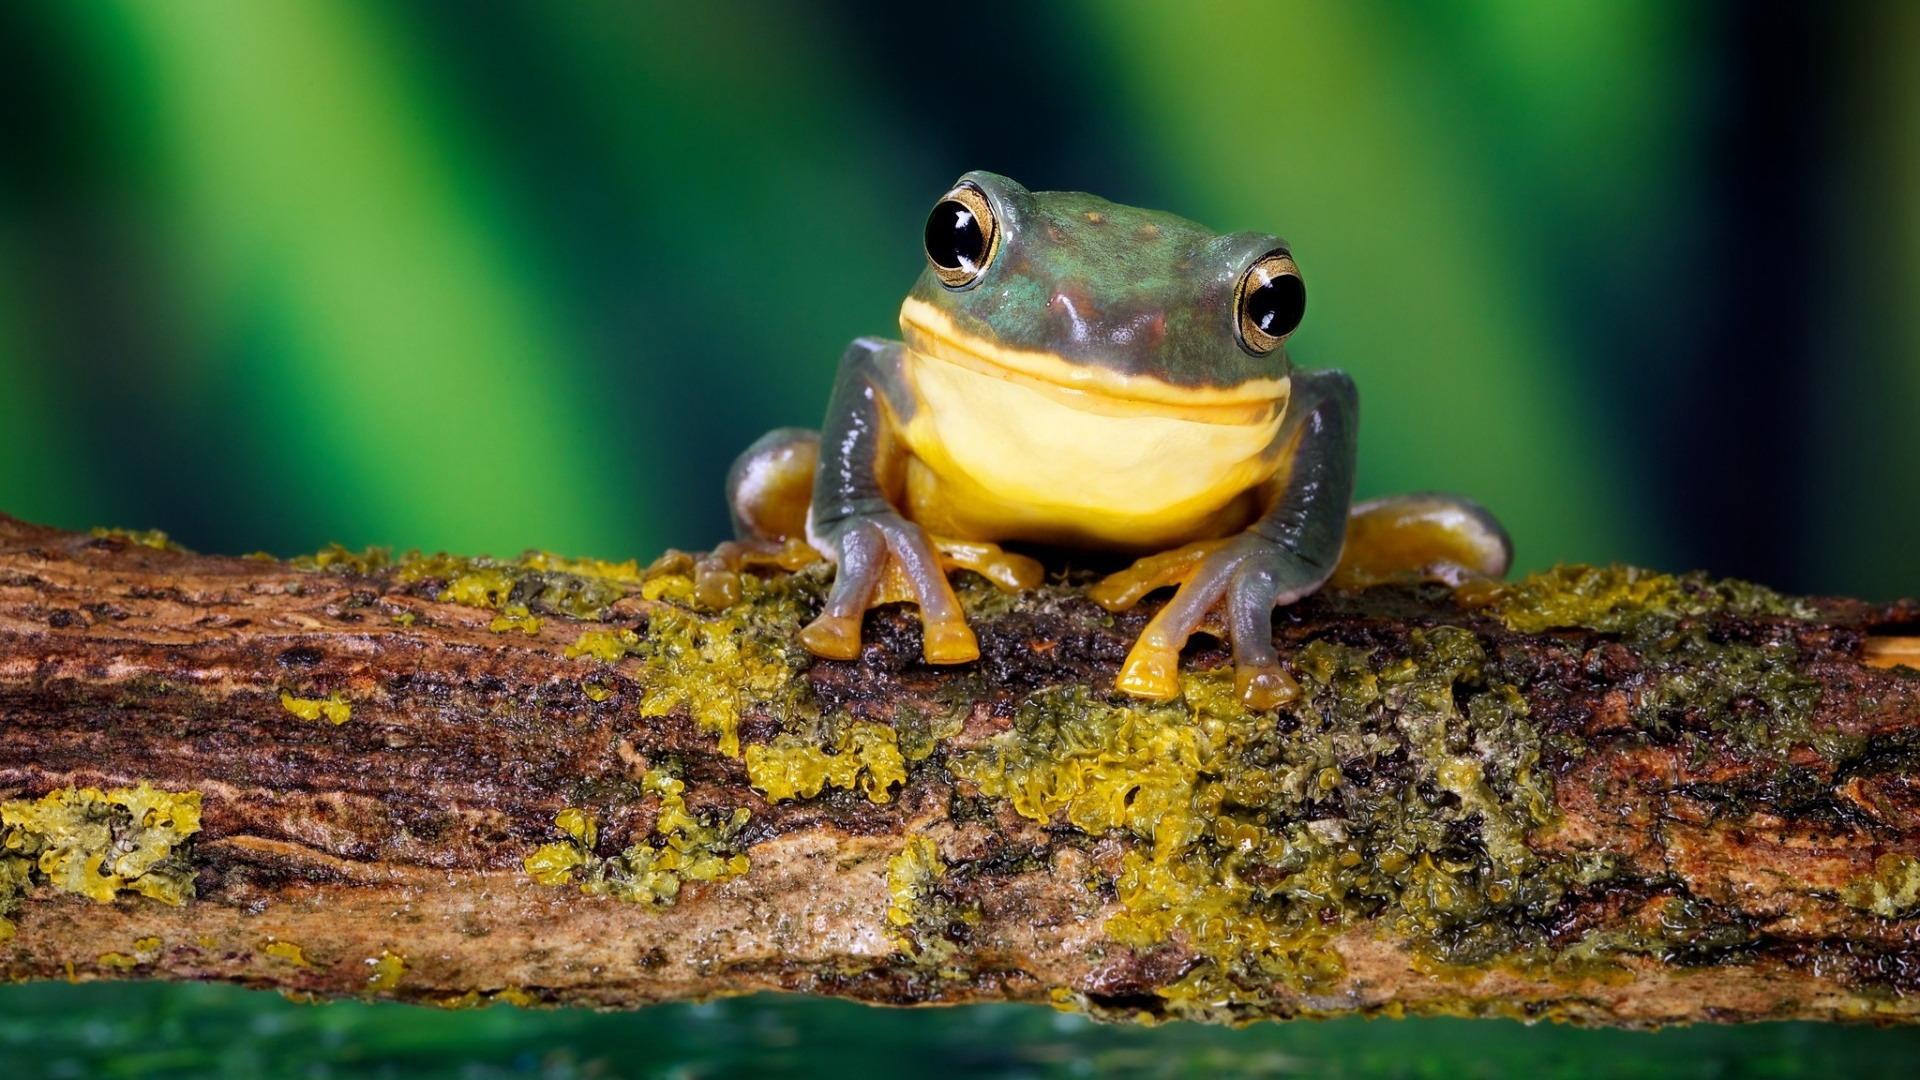 明るいカエル 自然動物写真撮影壁紙プレビュー 10wallpaper Com